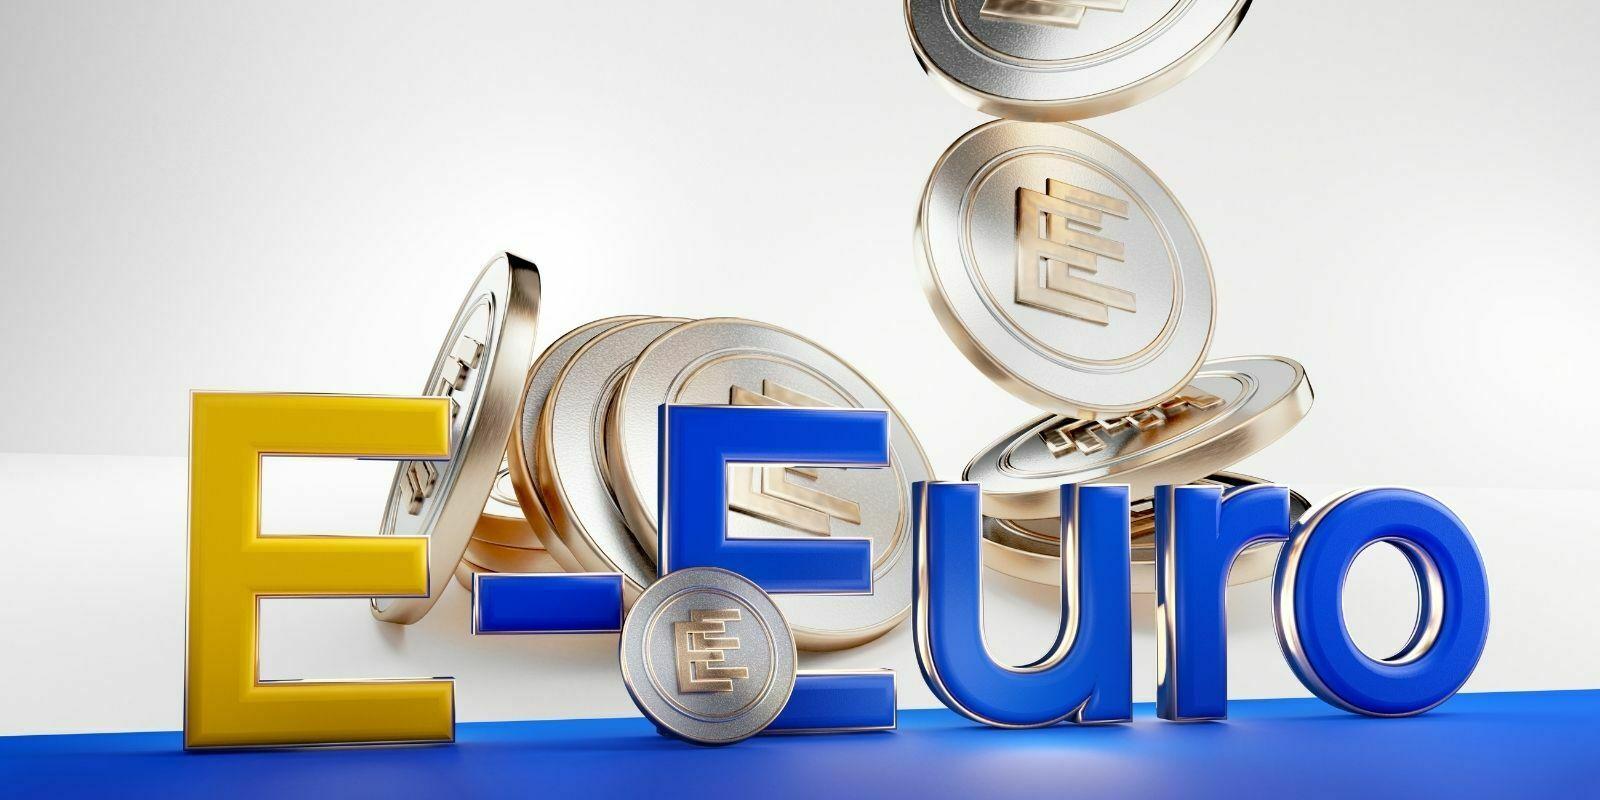 L'Euro numérique ne sera pas disponible auprès de la banque centrale, mais via les banques commerciales